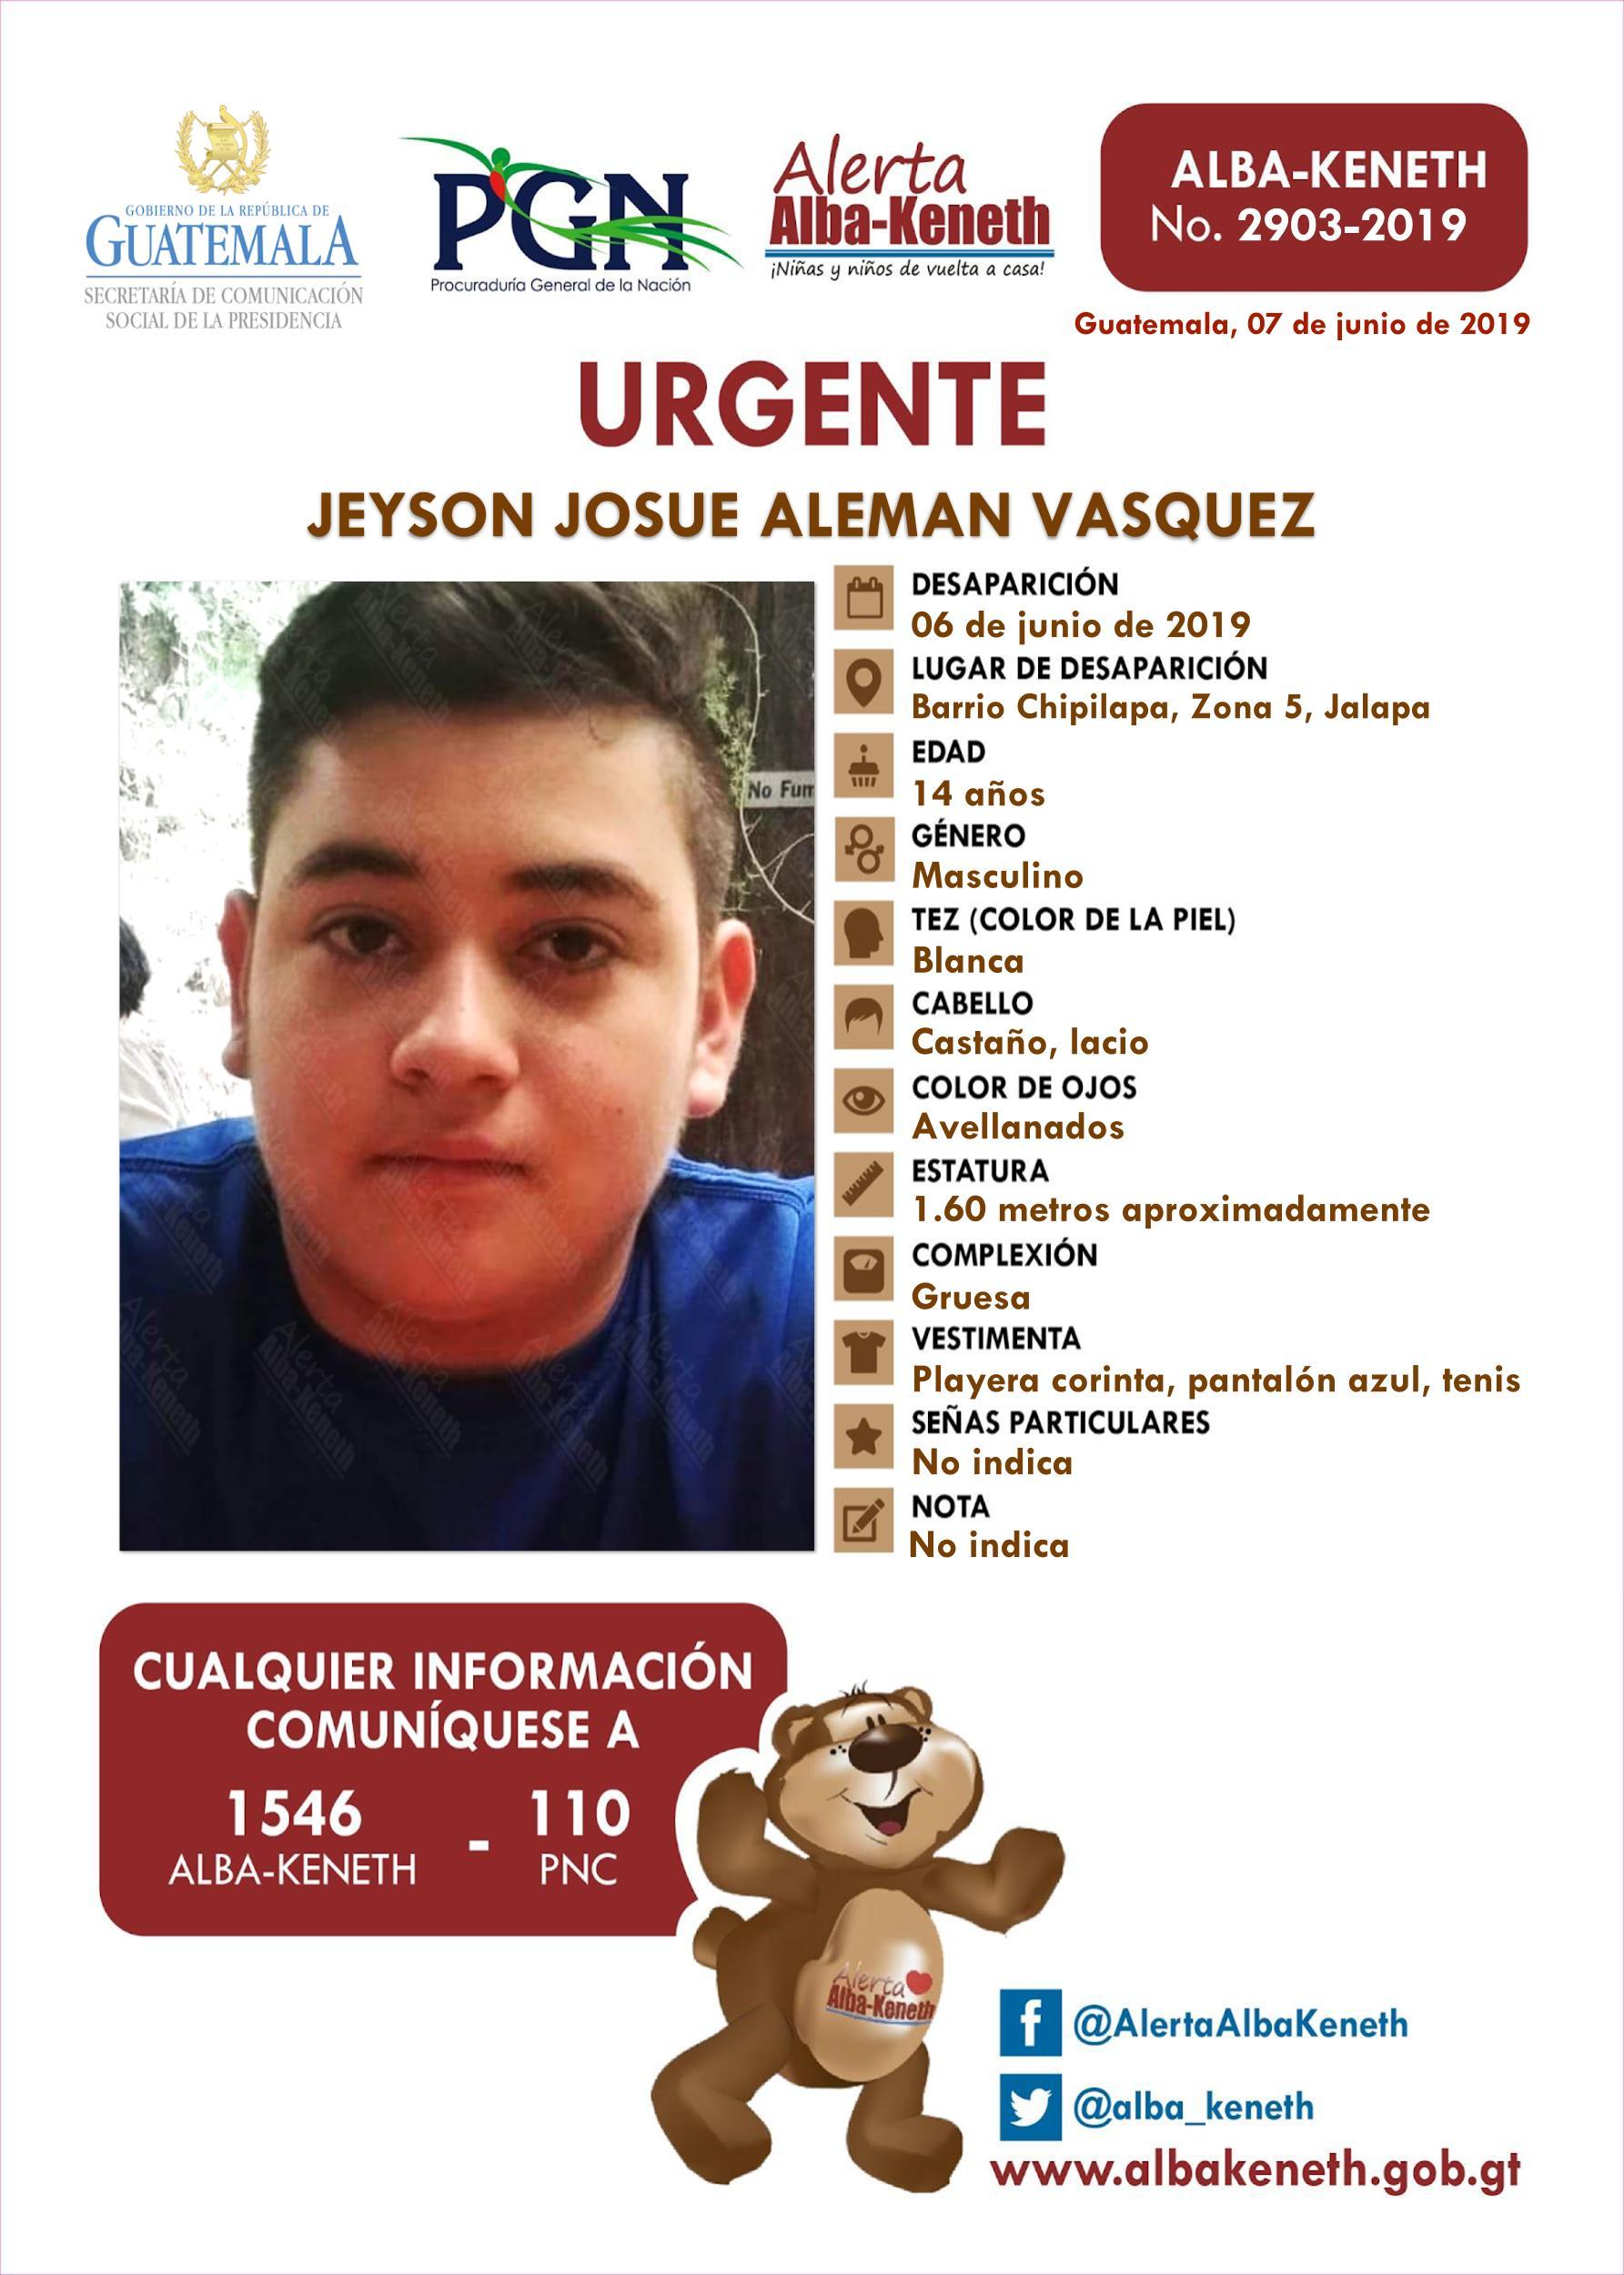 Jeyson Josue Aleman Vasquez